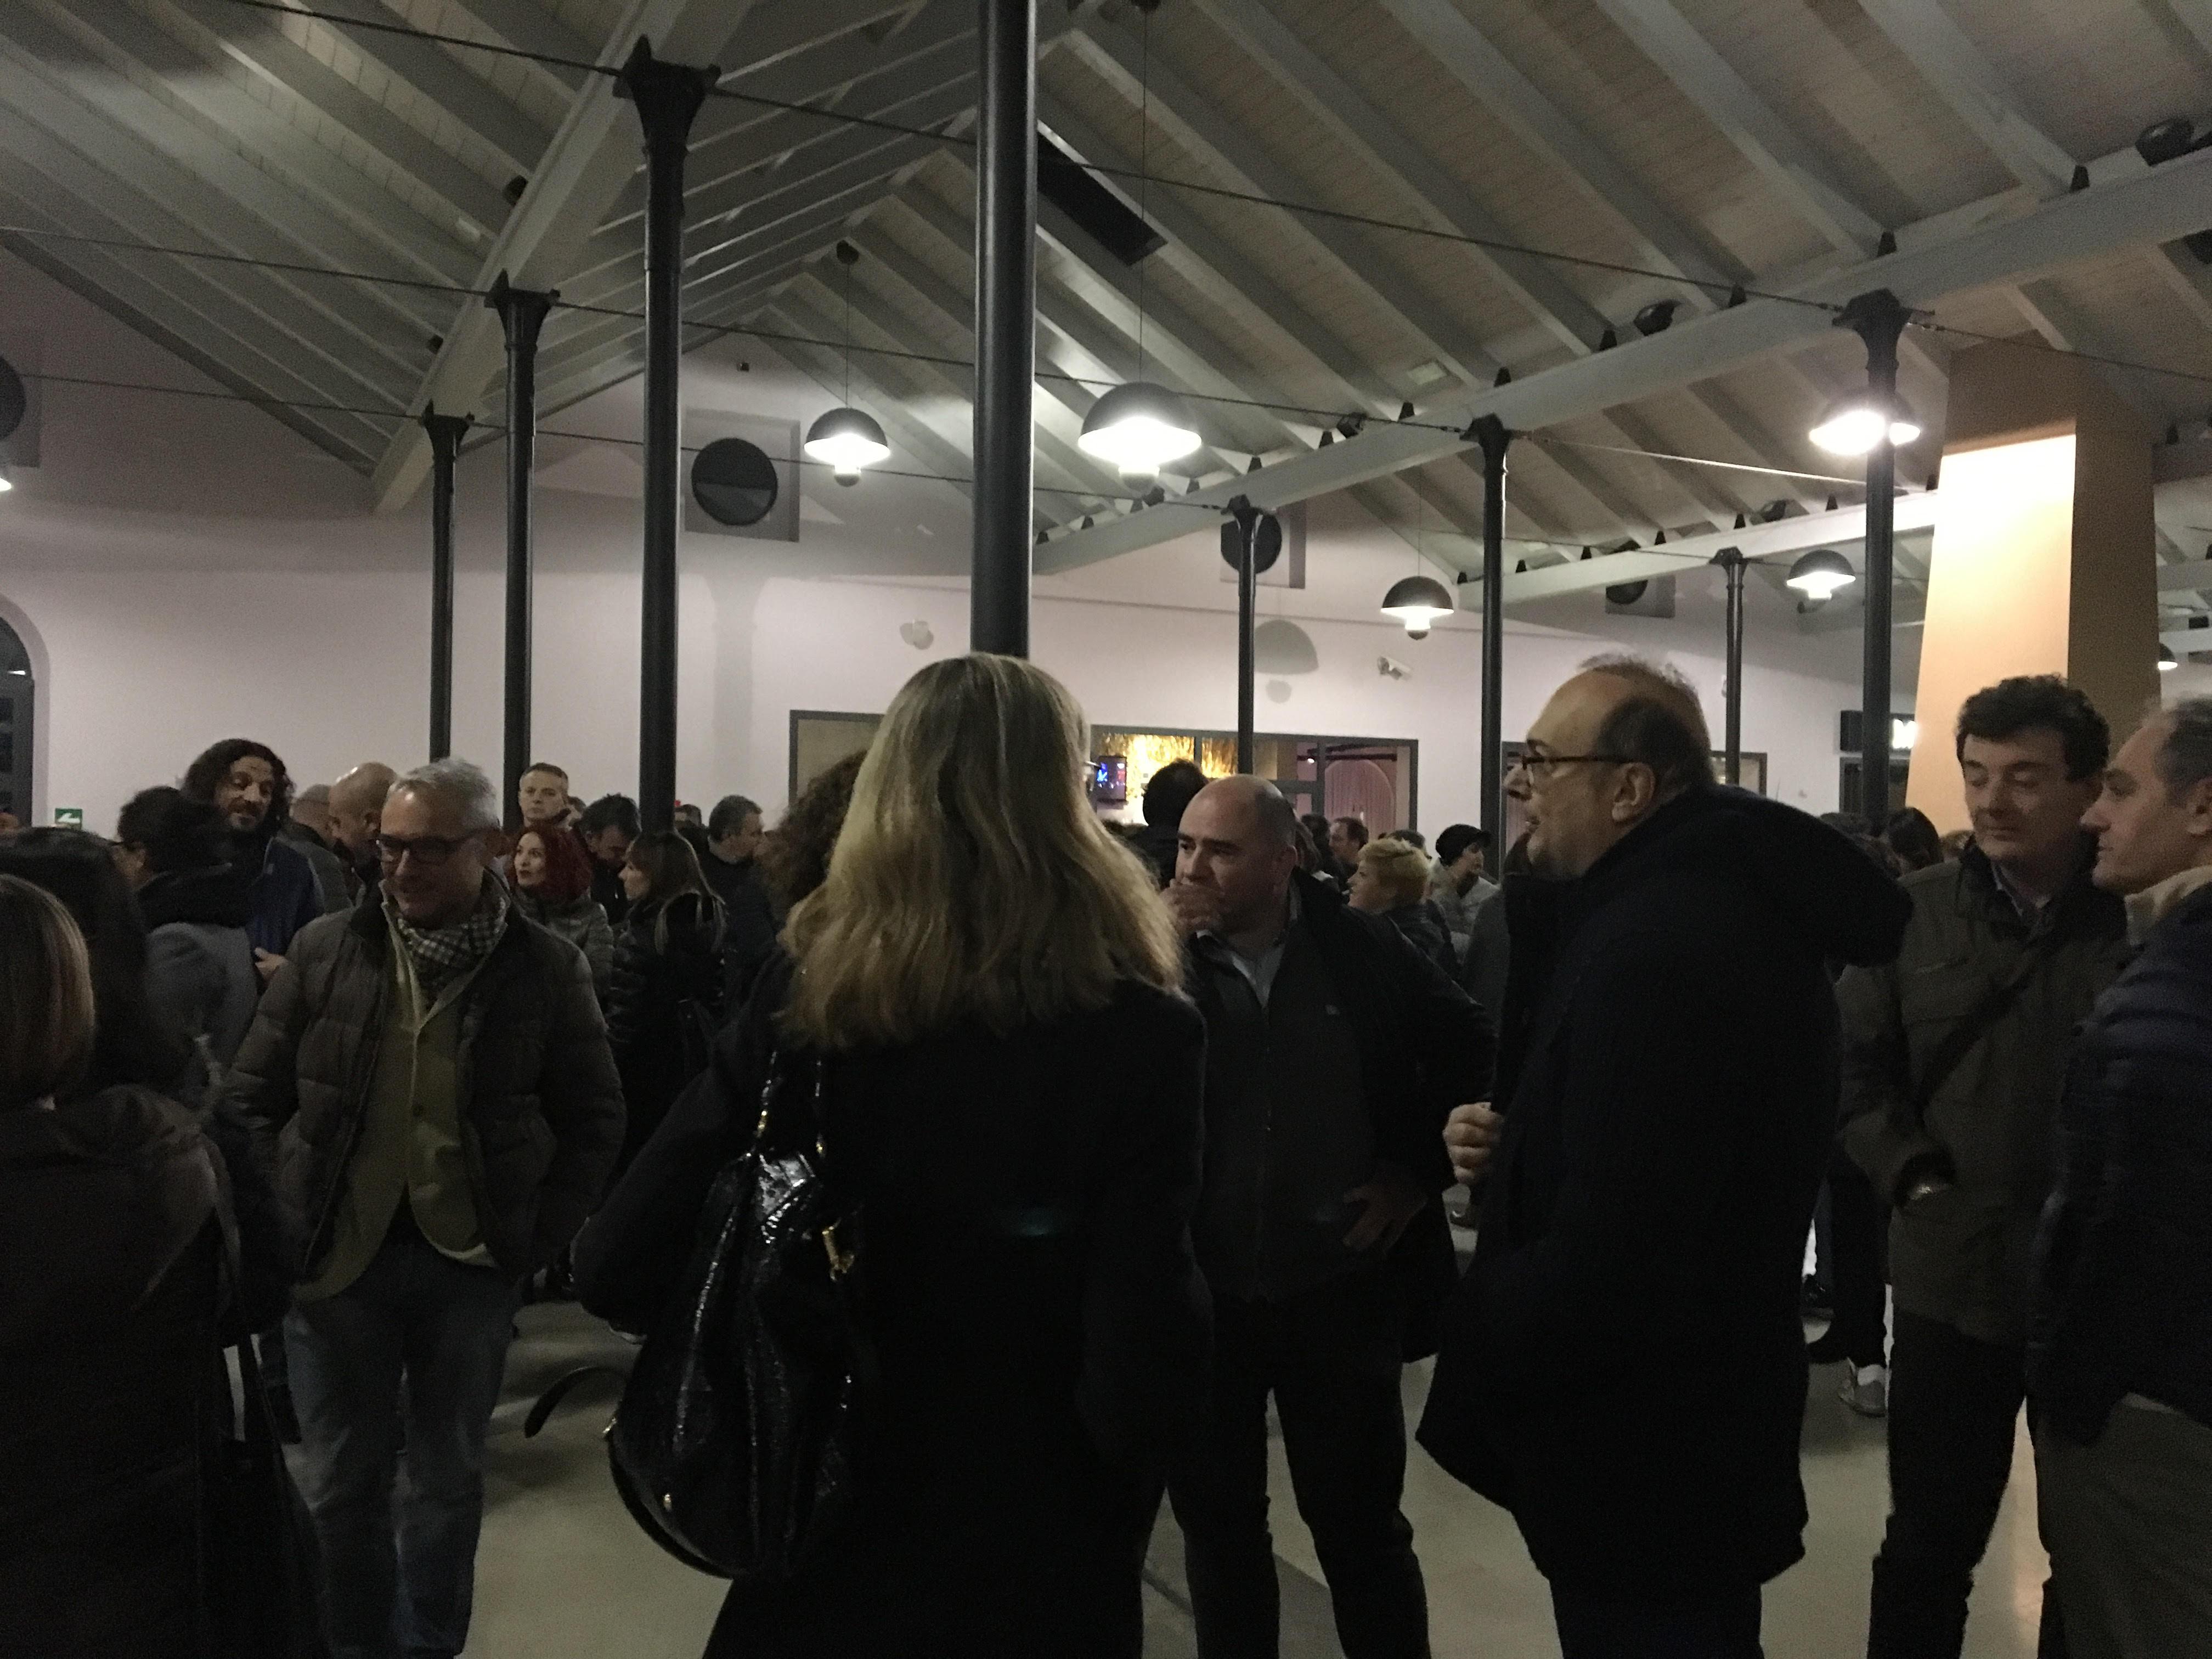 I partecipanti all'incontro a Piazza Sagrini